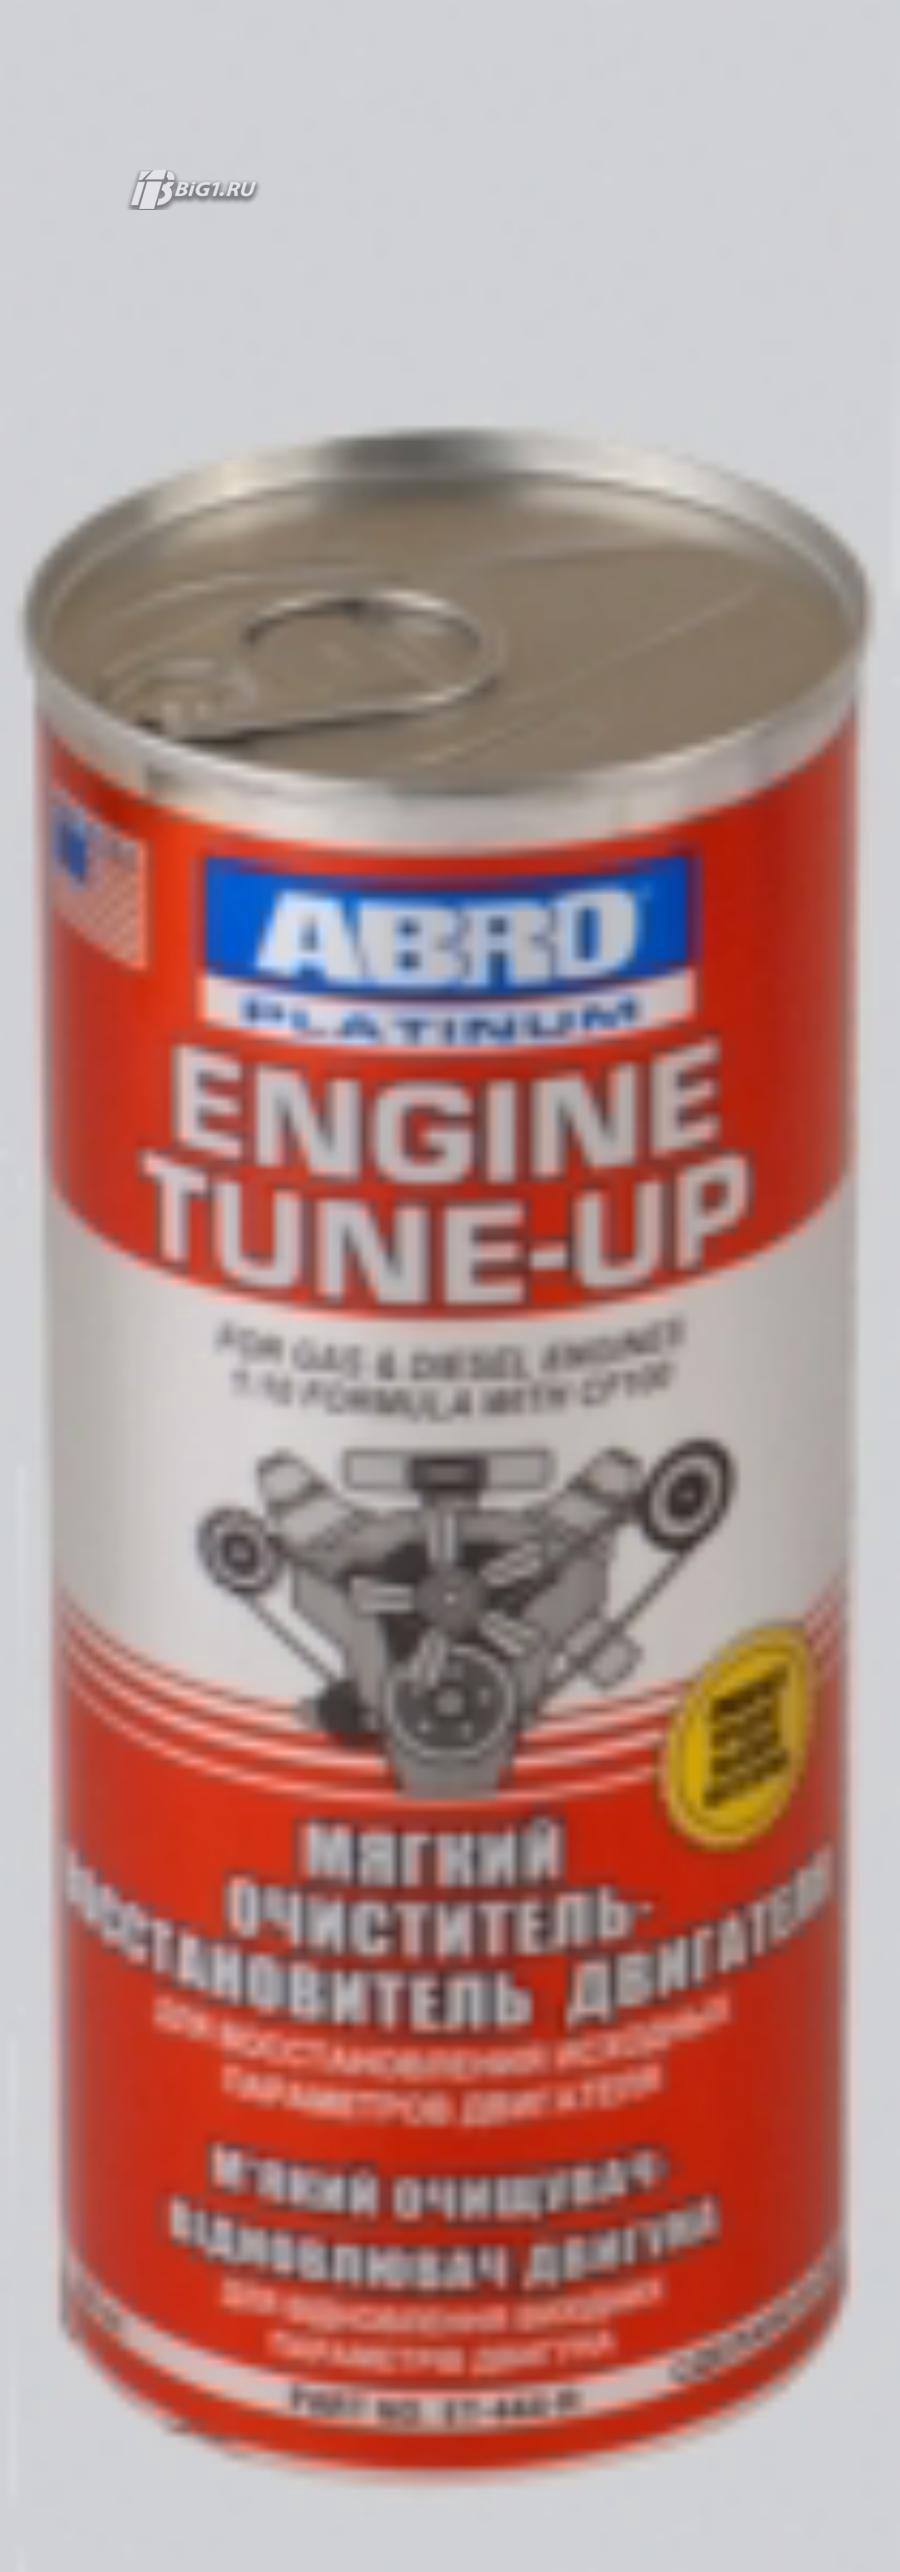 Очиститель-востановитель двигателя мягкий